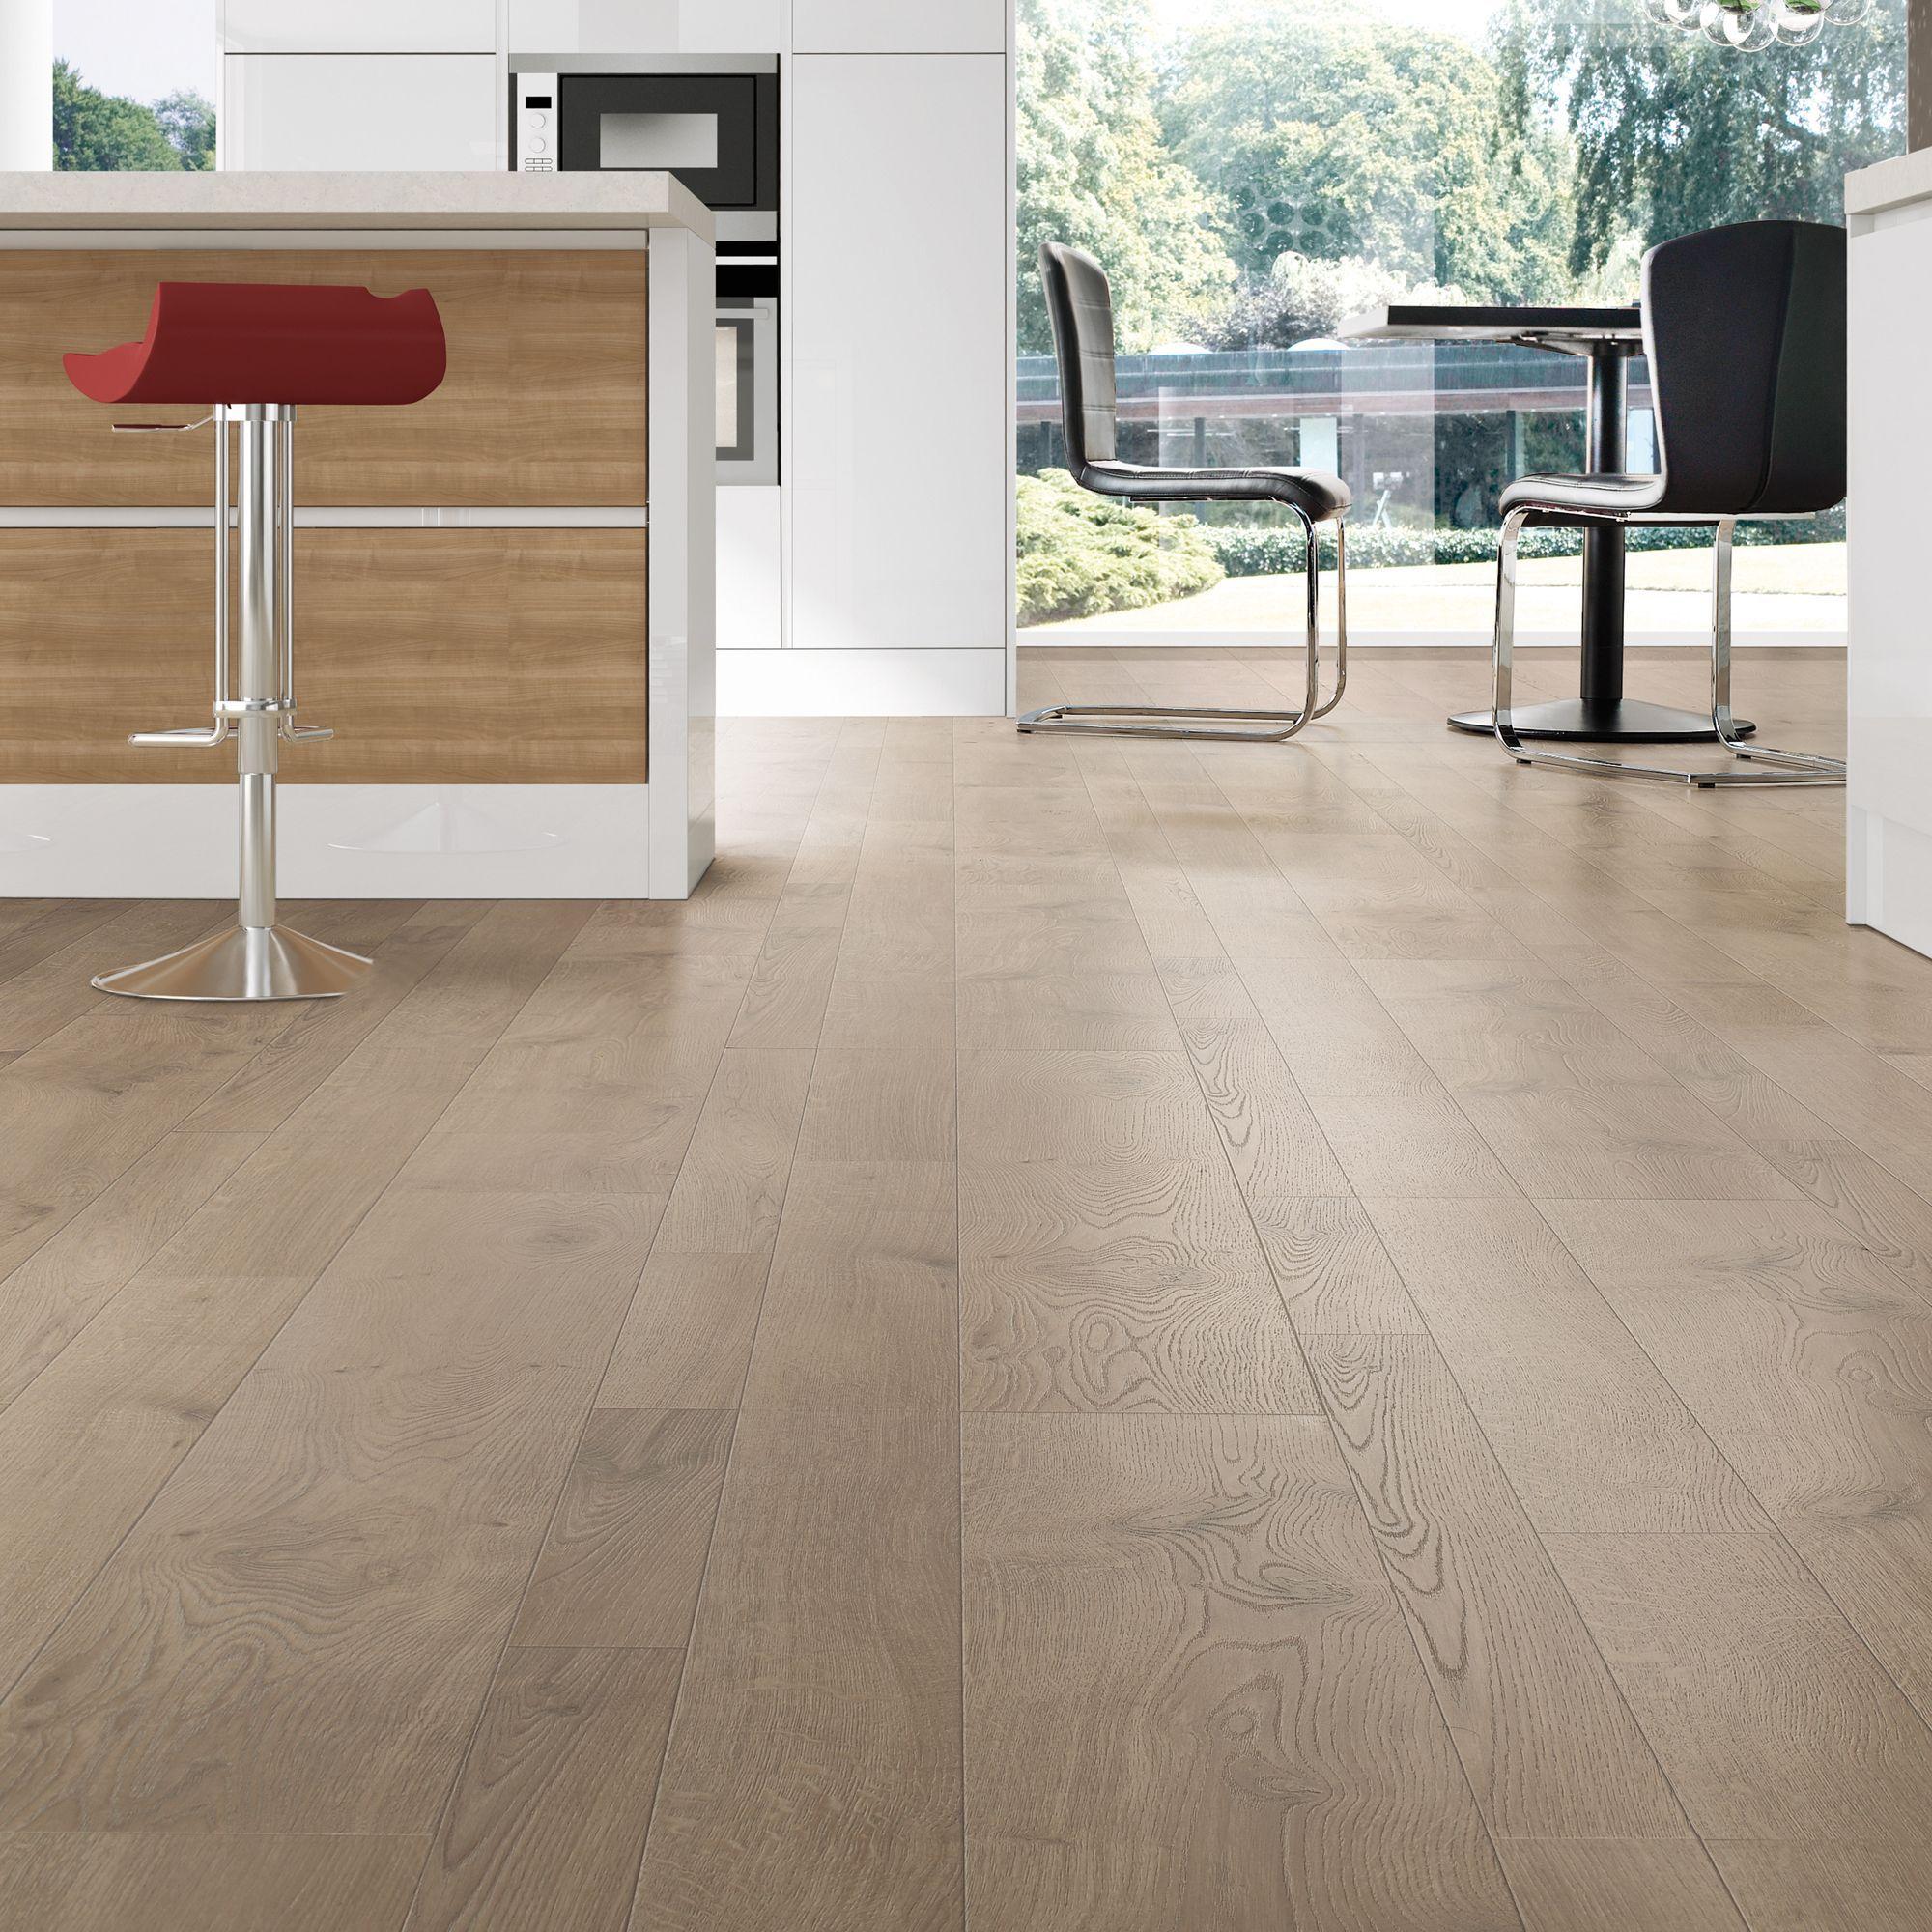 Coda light cream oak oak effect laminate flooring m for Light laminate flooring